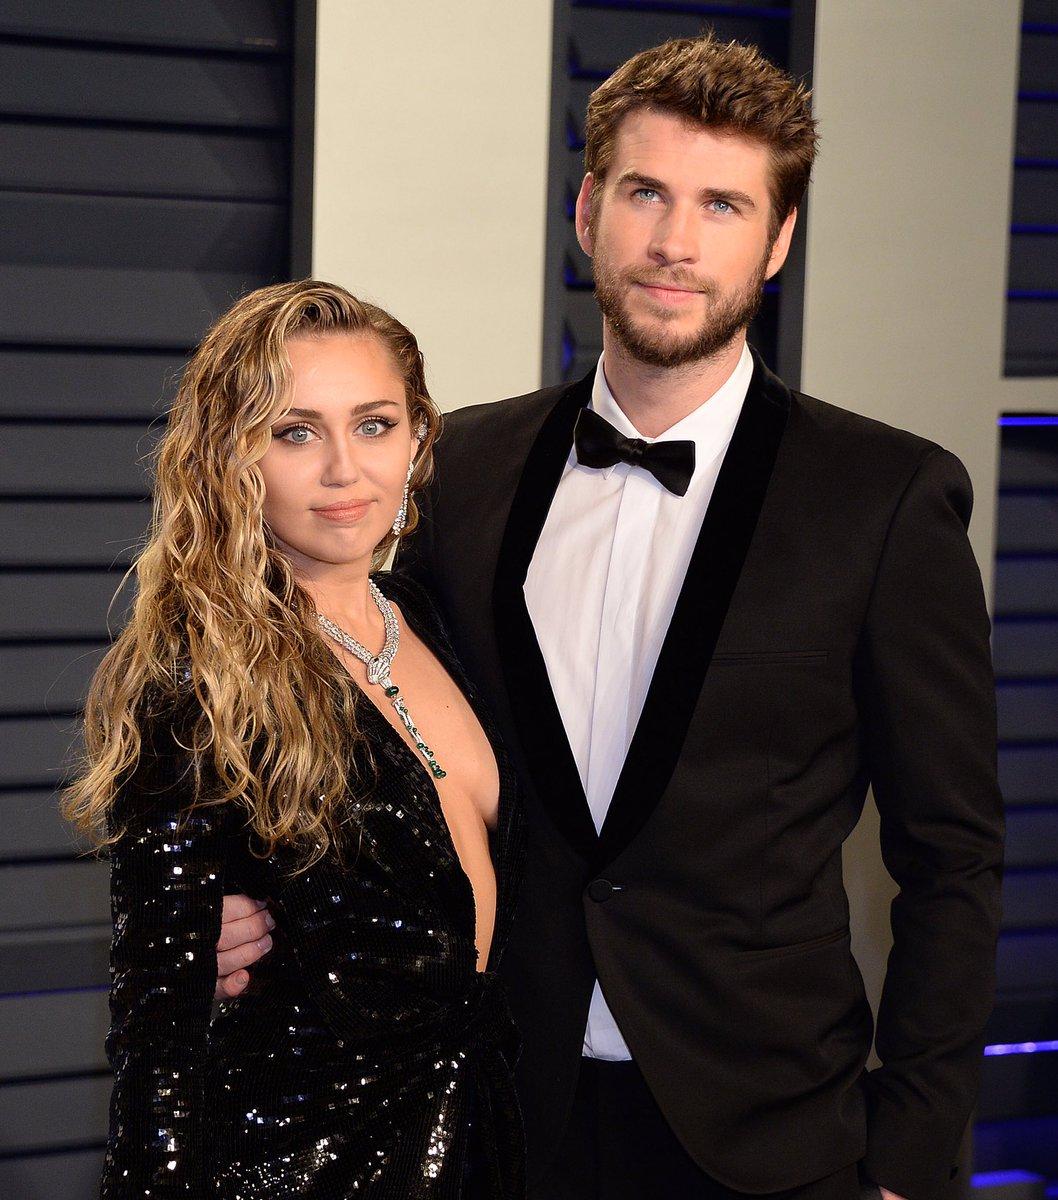 """ล่าสุด Liam Hemsworth ได้ยื่นเอกสารขอหย่า Miley Cyrus แล้วหลังประกาศแยกทางกันเมื่อวันที่ 13 สิงหาที่ผ่านมาโดยให้เหตุผลว่า """"เข้ากันไม่ได้"""" ส่วนทาง Miley ก็ออกมาทวิตข้อความว่าในอดีตเคยทำผิดพลาดไปบ้าง แต่ตอนนี้เธอเติบโตขึ้นและที่รักครั้งนี้จบลงไม่ใช่เพราะ Miley นอกใจ Liam แน่นอน 💔 https://t.co/LNXavptJ1o"""